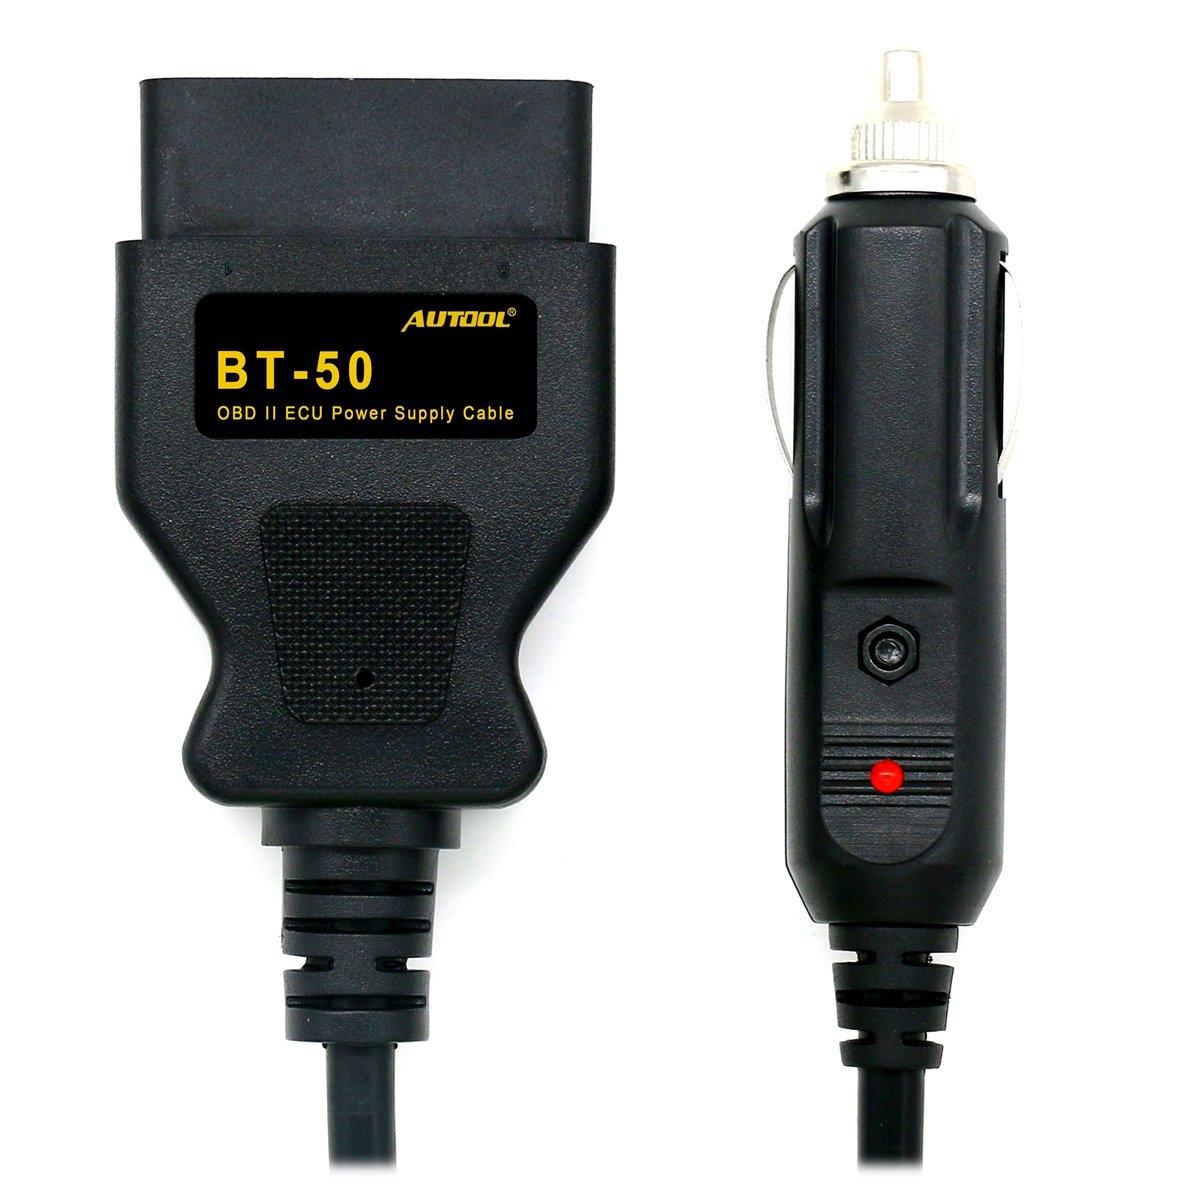 con cavo Salva Memorie da 3 metri adattatore accendisigari da auto BT50 OBDII 12 V Autool alimentatore di emergenza ECU alimentato da accendisigari